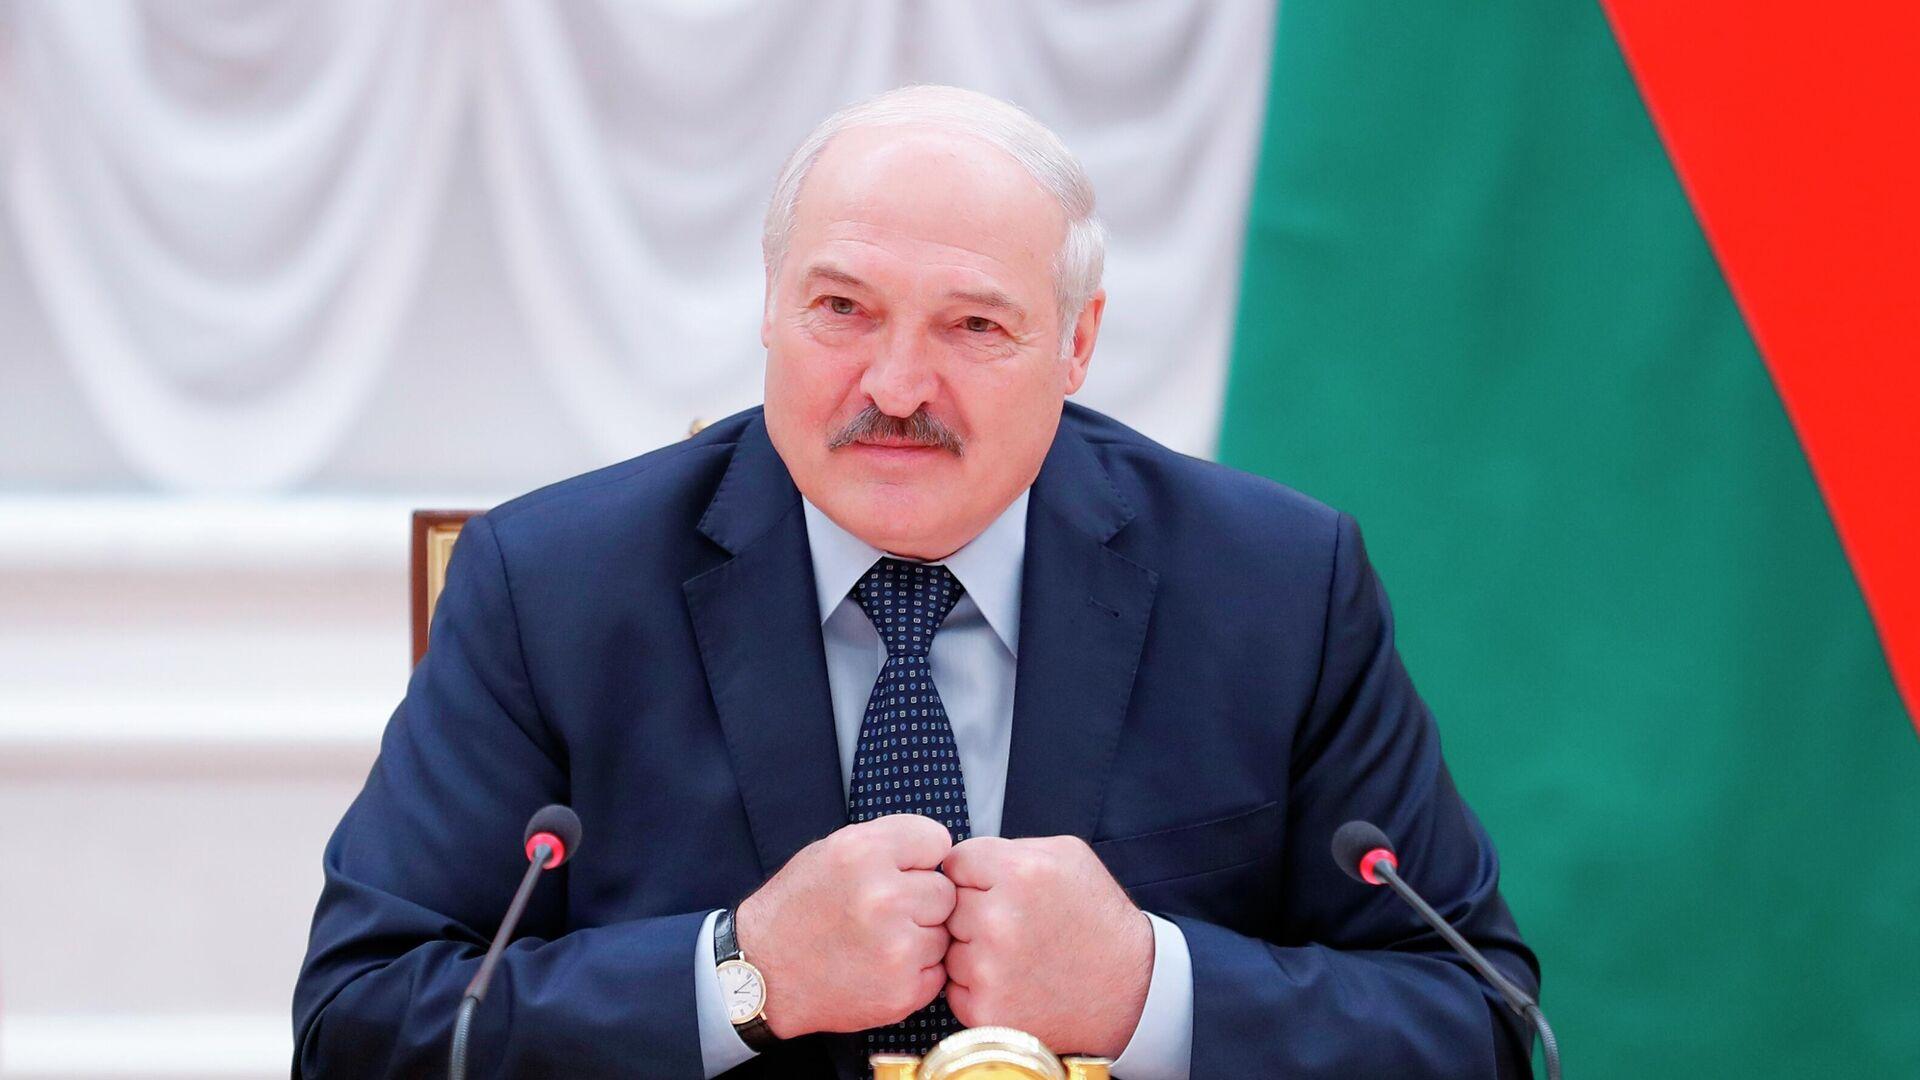 Alexandr Lukashenko, presidente de Bielorrusia - Sputnik Mundo, 1920, 02.10.2021